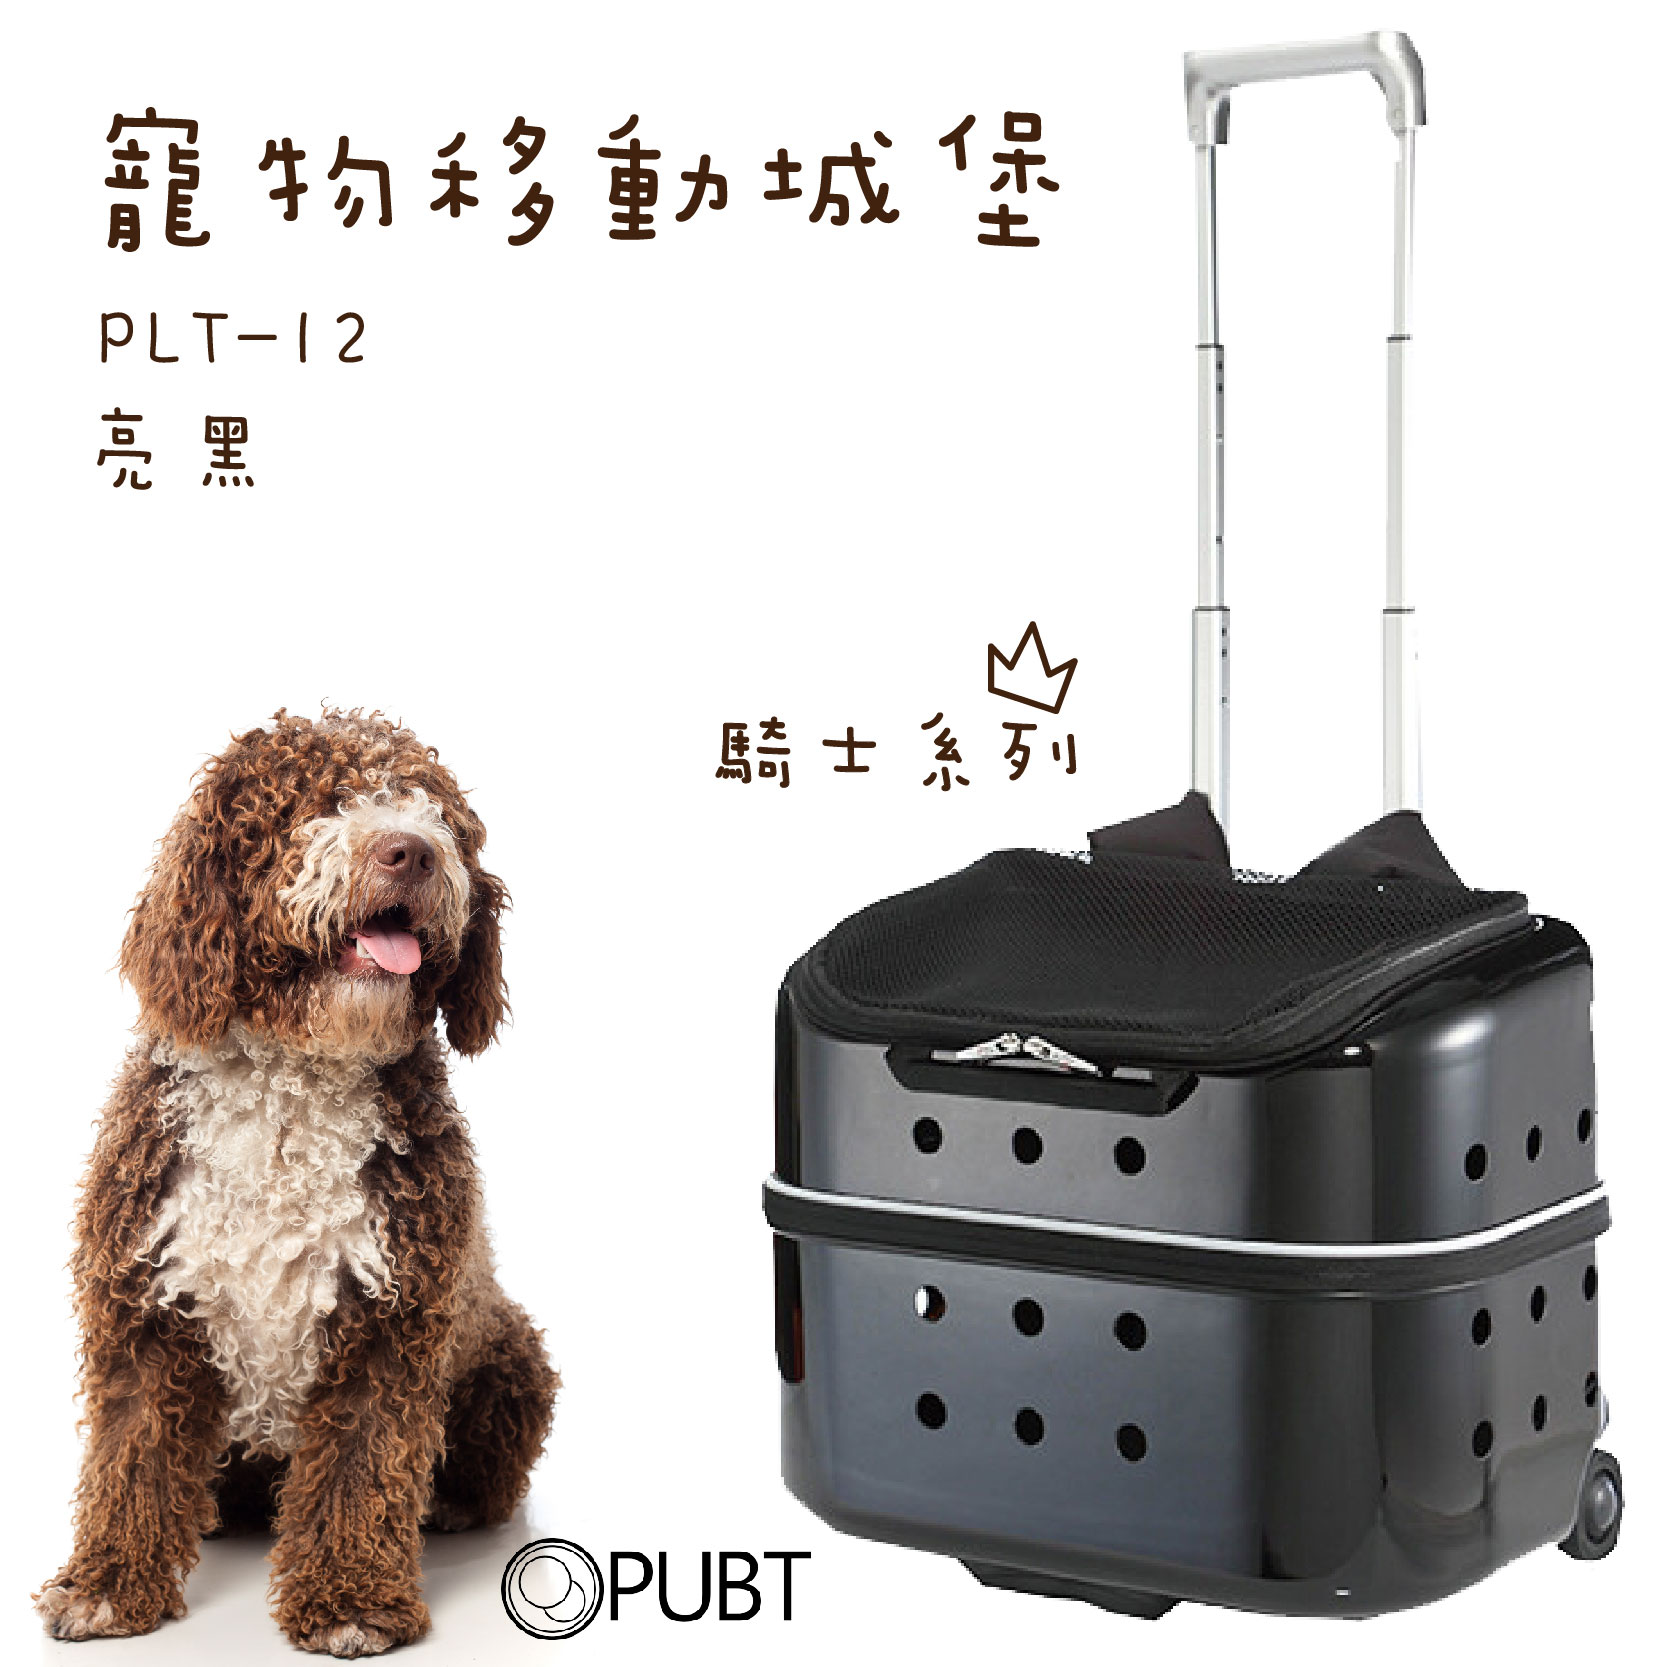 騎士系列│PUBT PLT-12 寵物推車 亮黑 寵物外出包 寵物拉桿包 寵物 適用9kg以下犬貓